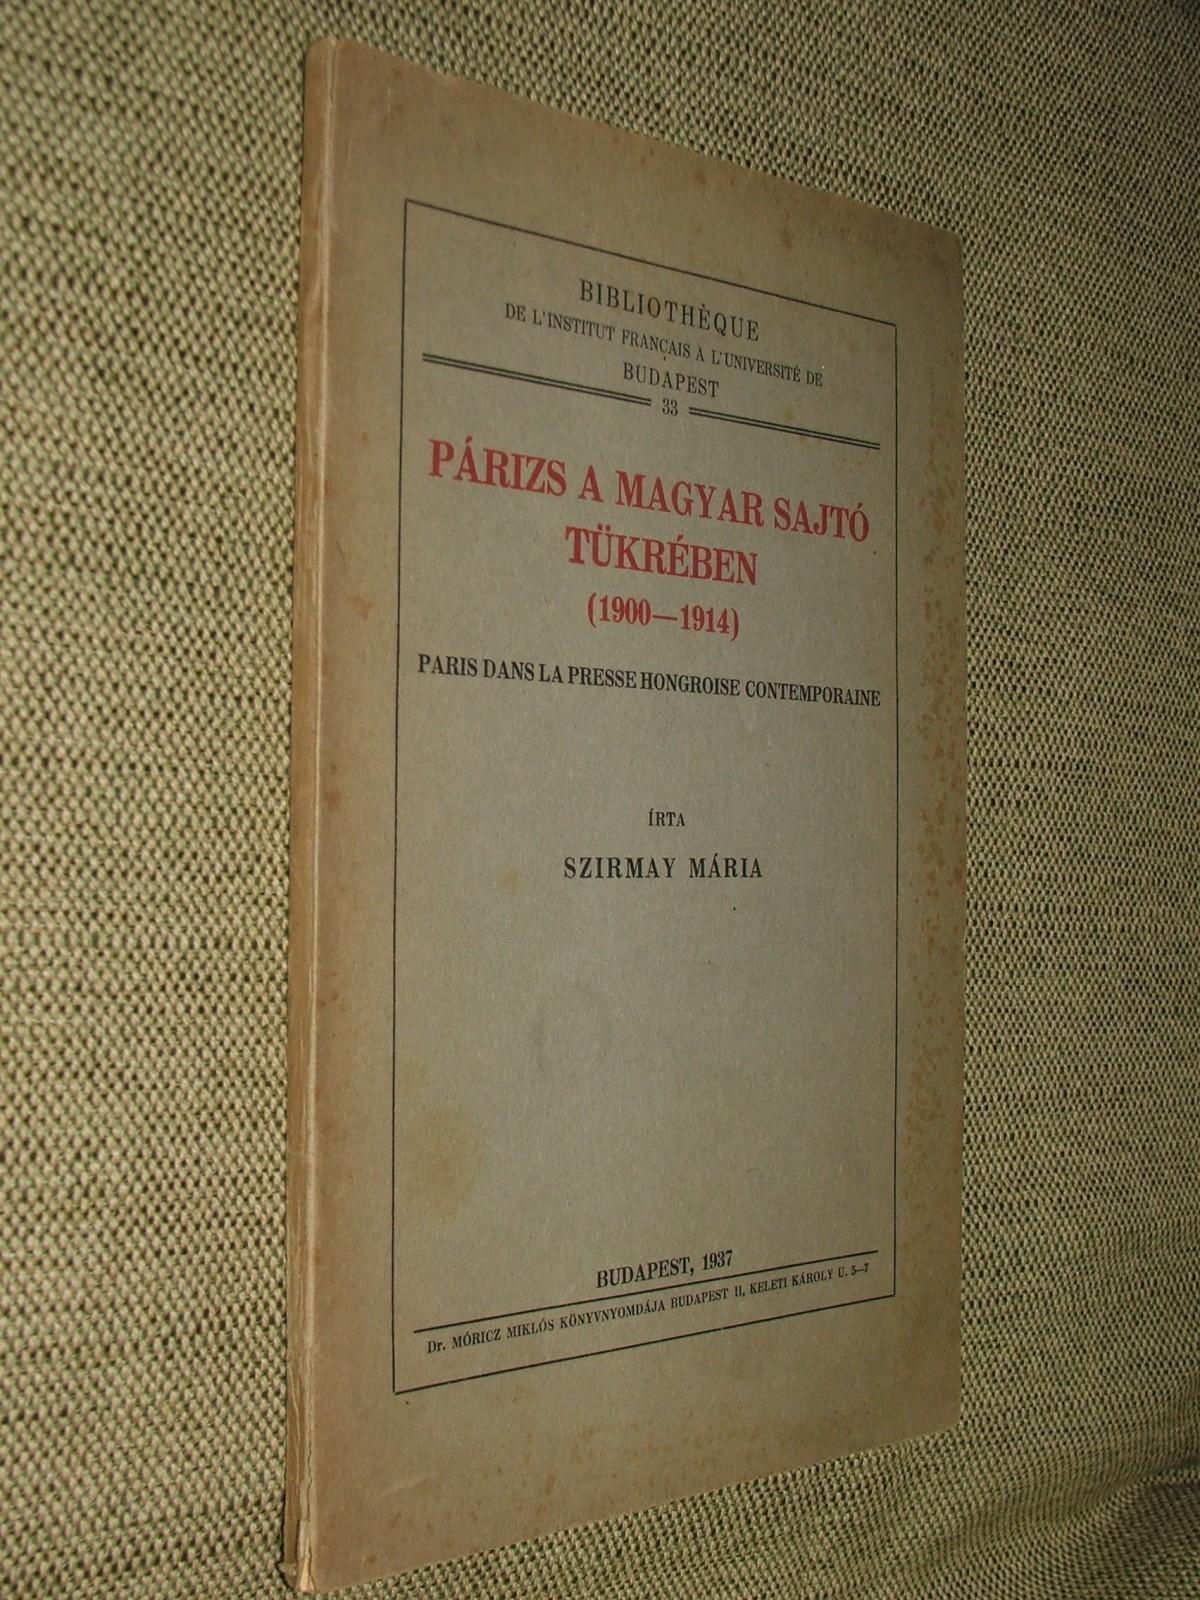 SZIRMAY Mária: Párizs a magyar sajtó tükrében (1900-1914)